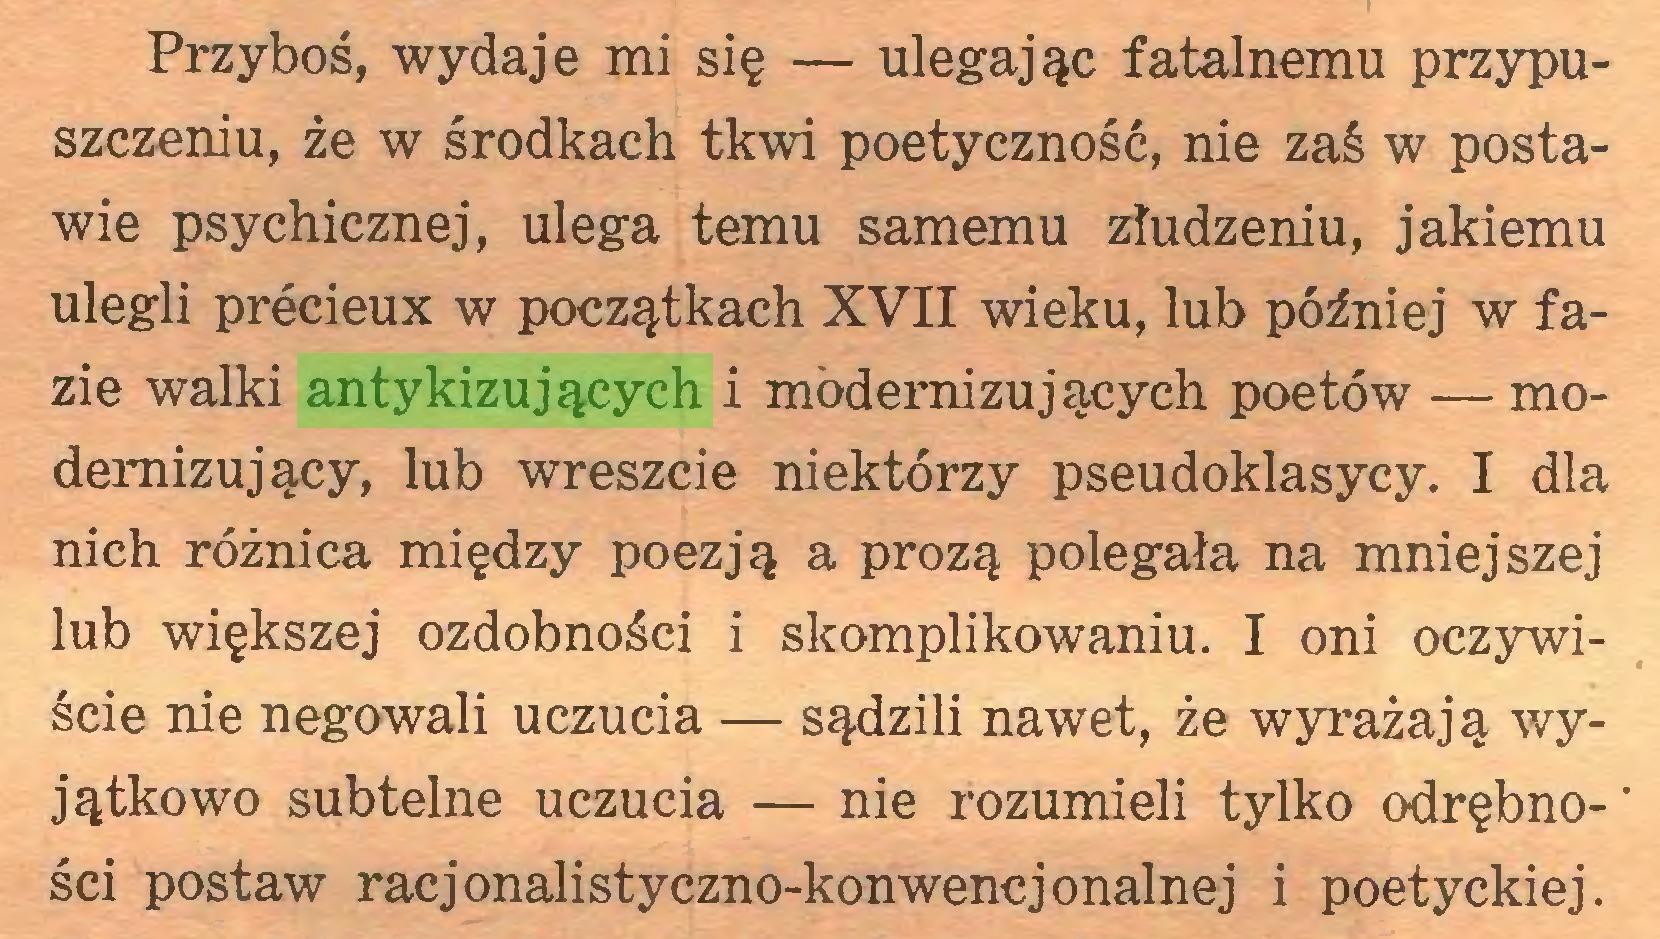 (...) Przyboś, wydaje mi się — ulegając fatalnemu przypuszczeniu, że w środkach tkwi poetyczność, nie zaś w postawie psychicznej, ulega temu samemu złudzeniu, jakiemu ulegli précieux w początkach XVII wieku, lub później w fazie walki antykizujących i modernizujących poetów — modernizujący, lub wreszcie niektórzy pseudoklasycy. I dla nich różnica między poezją a prozą polegała na mniejszej lub większej ozdobności i skomplikowaniu. I oni oczywiście nie negowali uczucia — sądzili nawet, że wyrażają wyjątkowo subtelne uczucia — nie rozumieli tylko odrębności postaw racjonalistyczno-konwencjonalnej i poetyckiej...